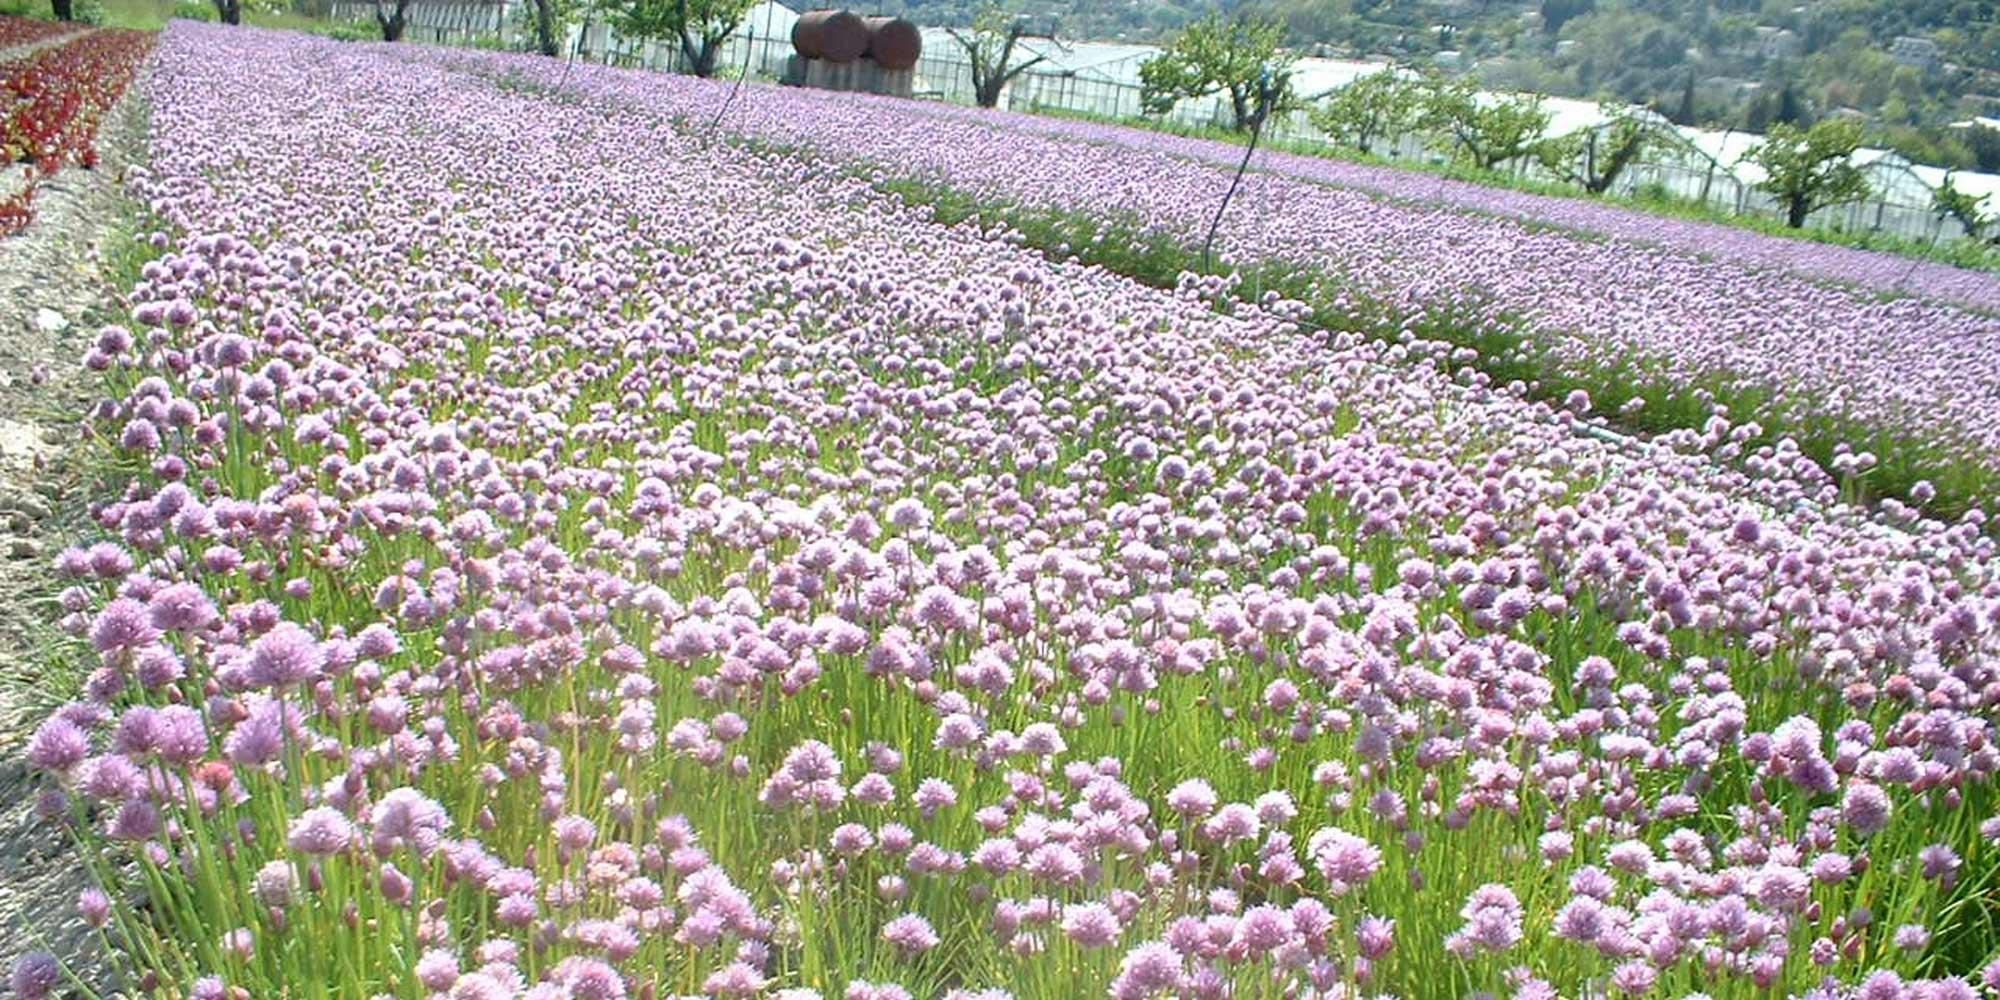 Marius Auda: Jeunes pousses de salade, herbes aromatiques et fleurs comestibles en Pays Niçois depuis 1936